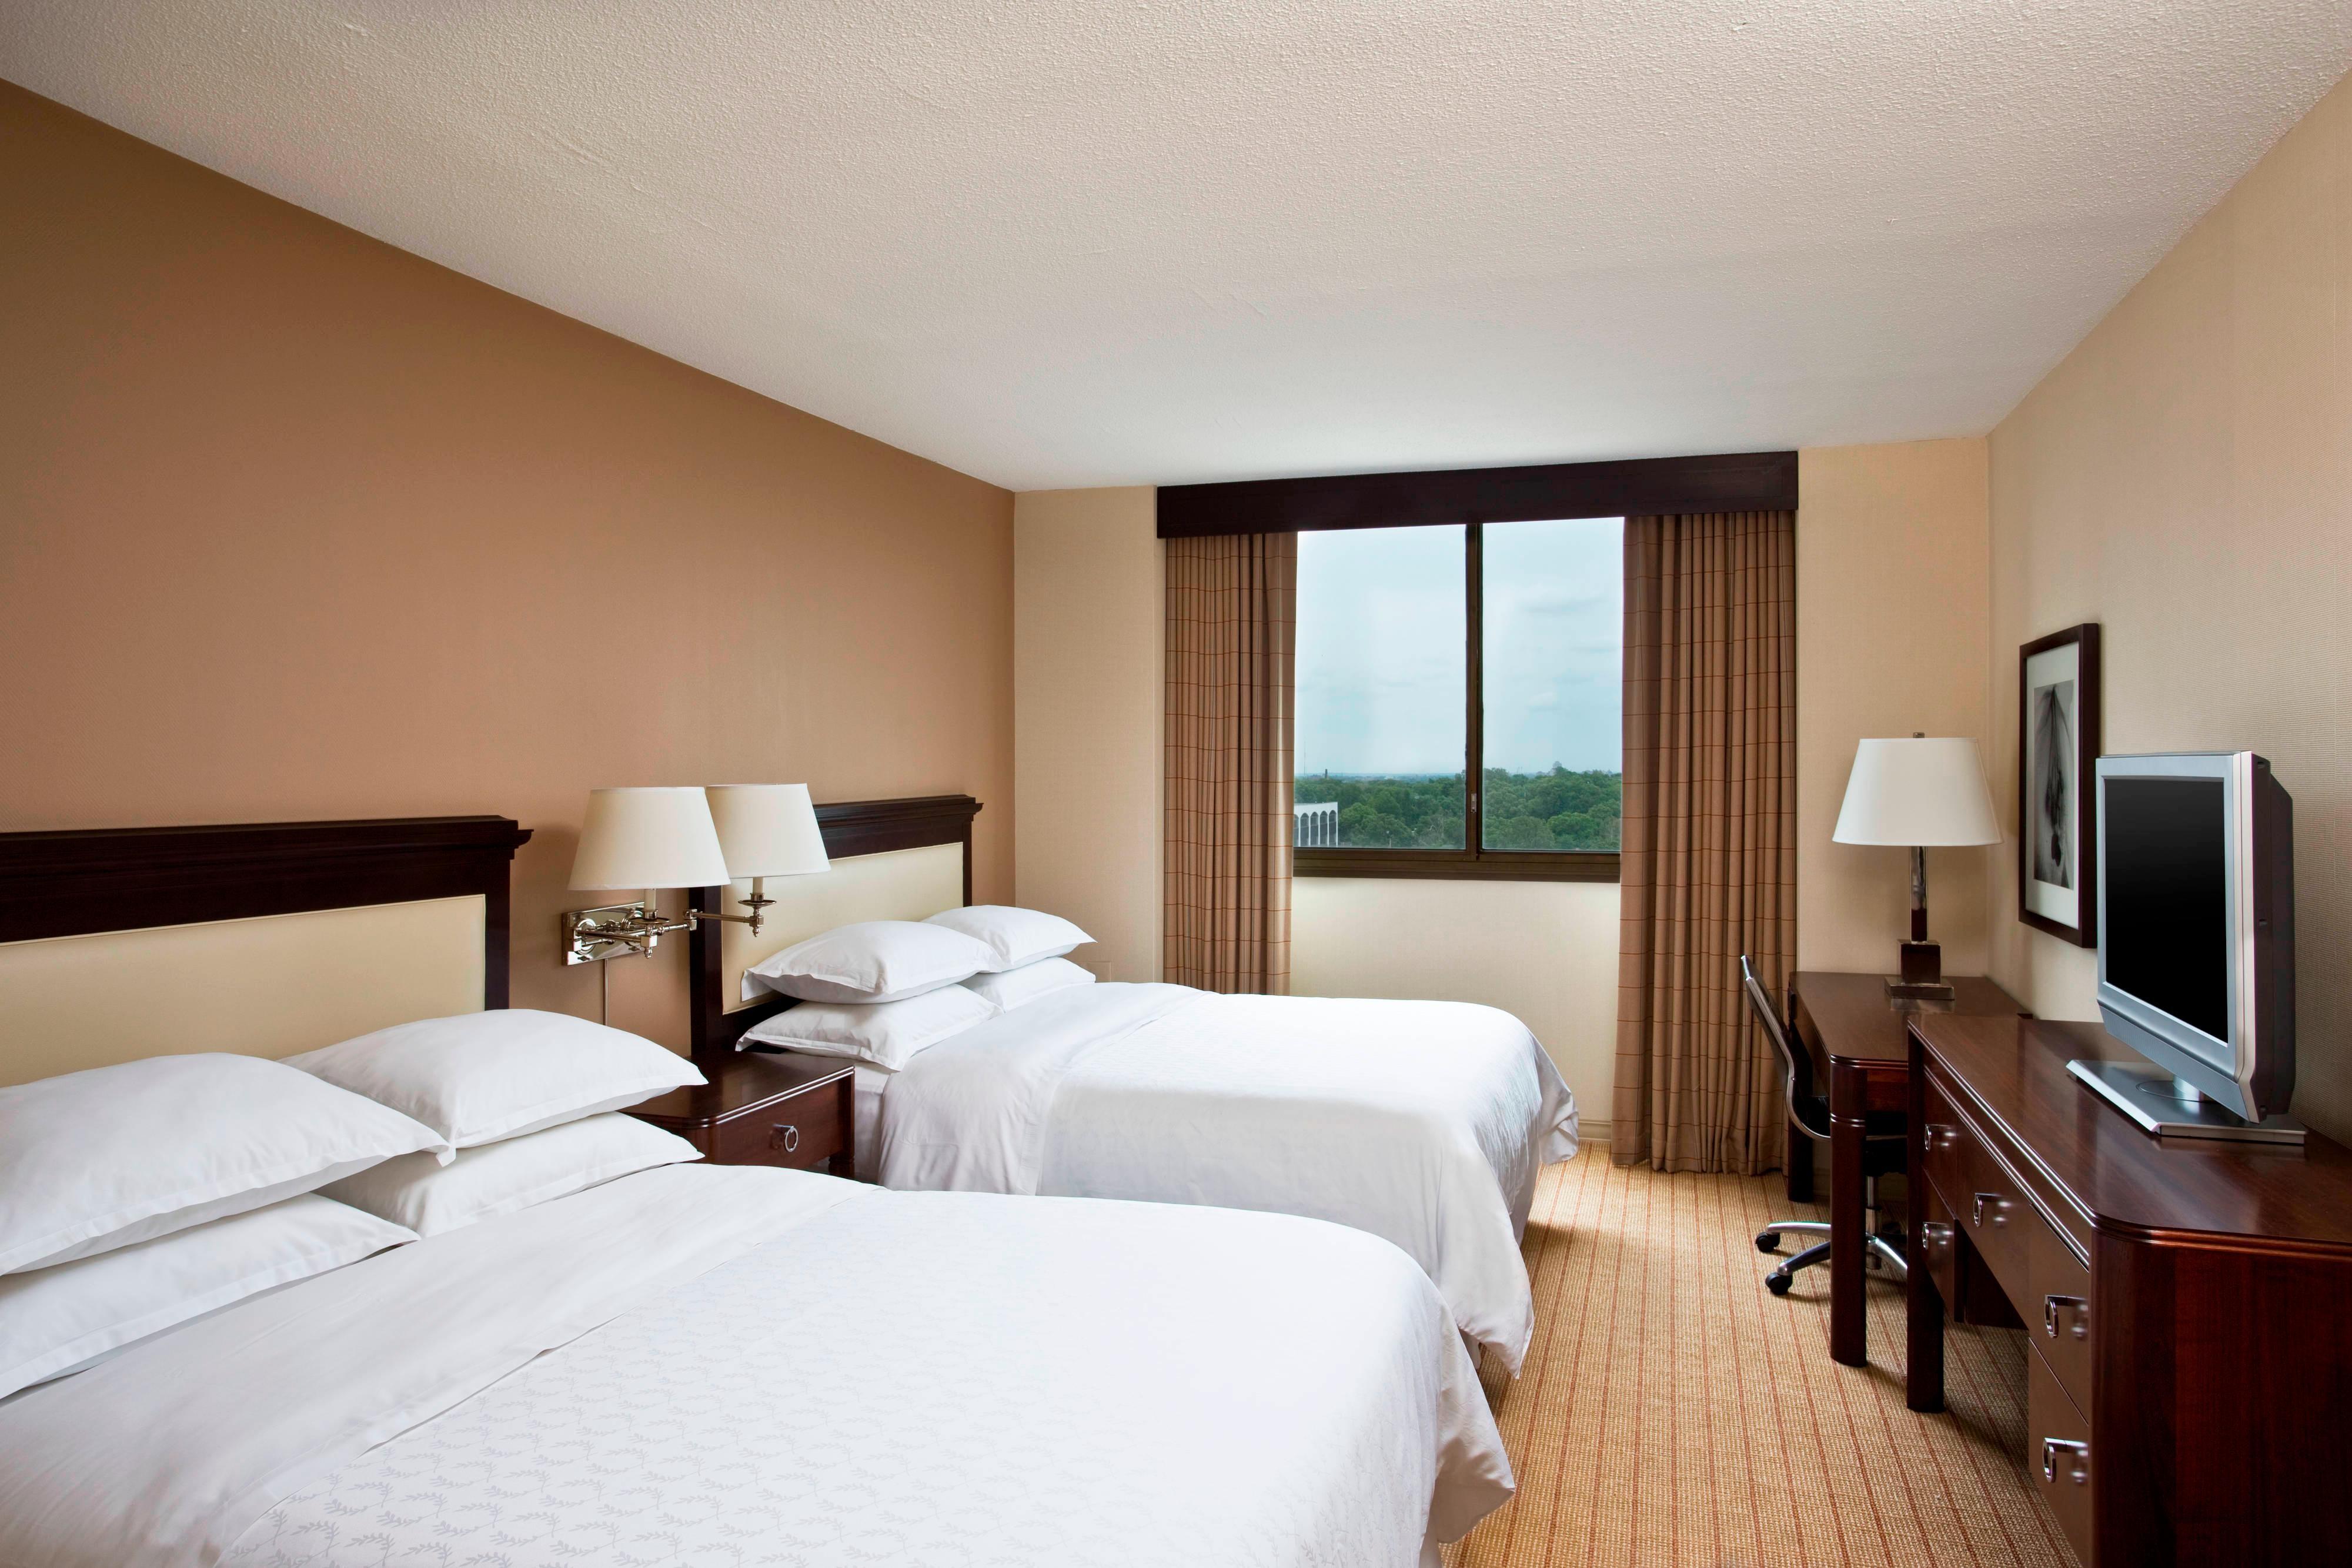 Guest Room Queen/Queen Sleeper Beds